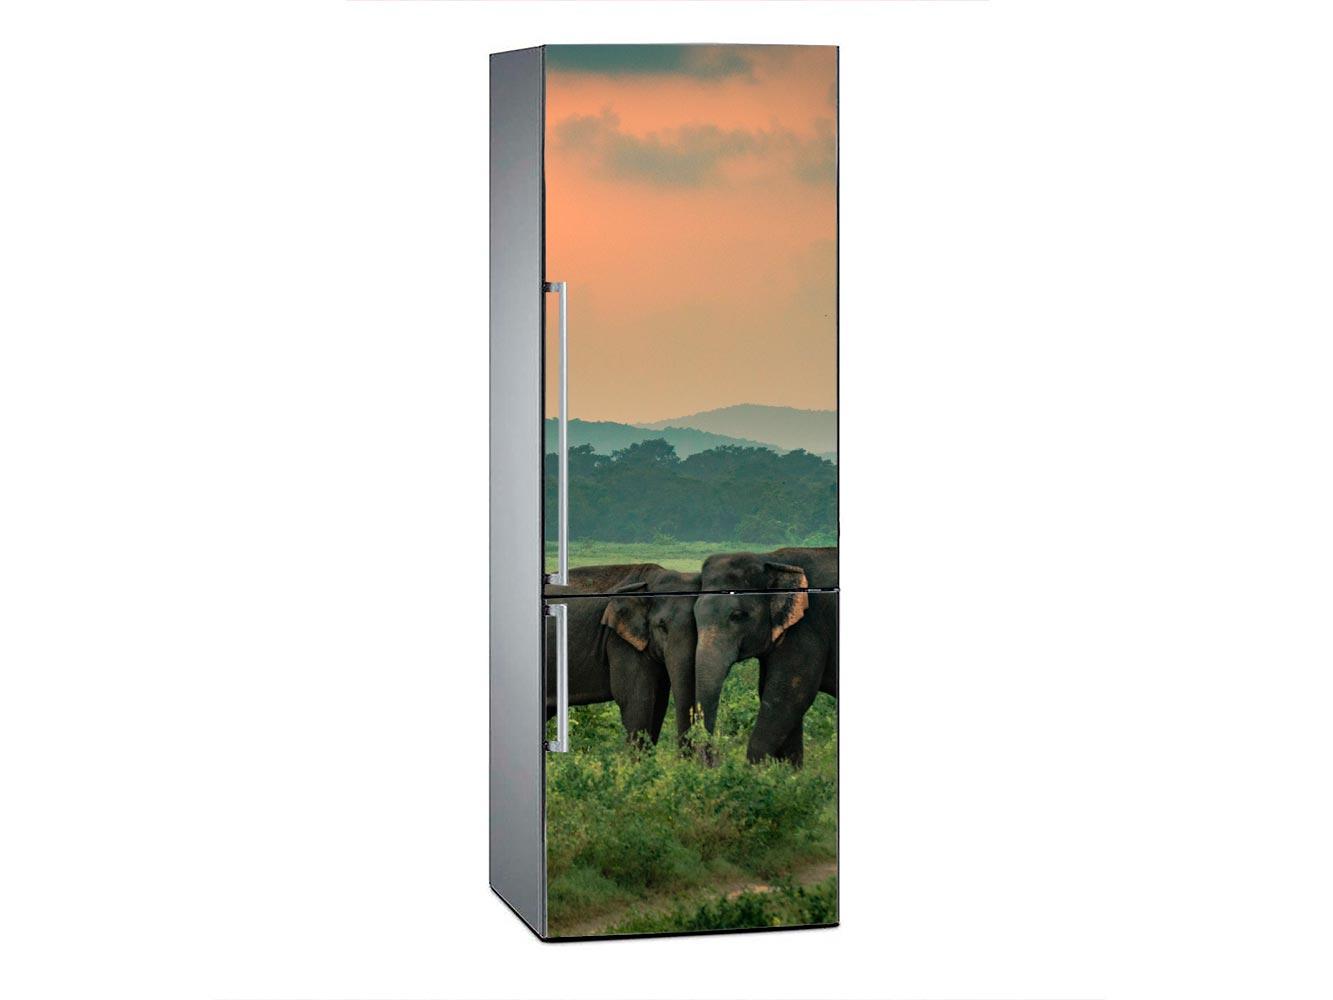 Vinilo Frigorífico Elefantes al Atardecer | Carteles XXL - Impresión carteleria publicitaria